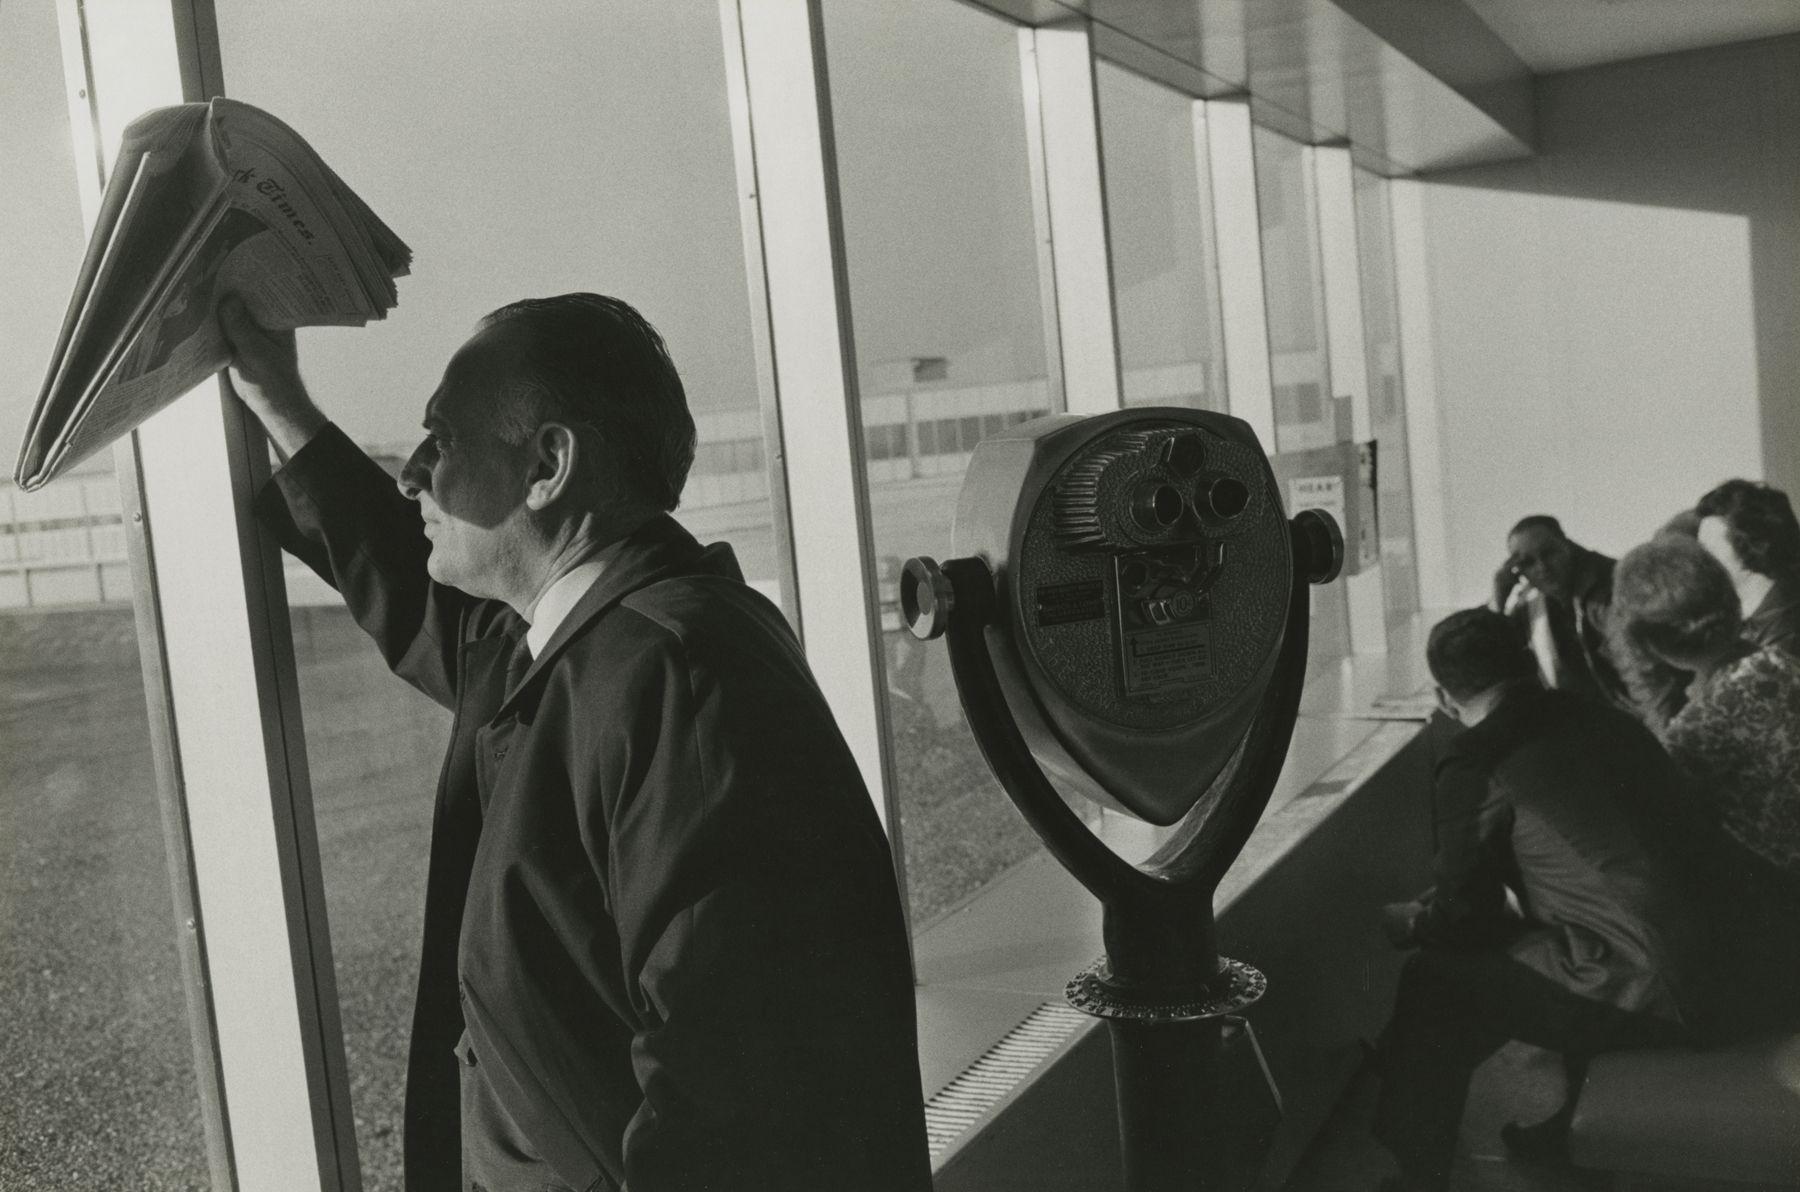 Garry Winogrand - Los Angeles Airport, 1967 - Howard Greenberg Gallery - 2018